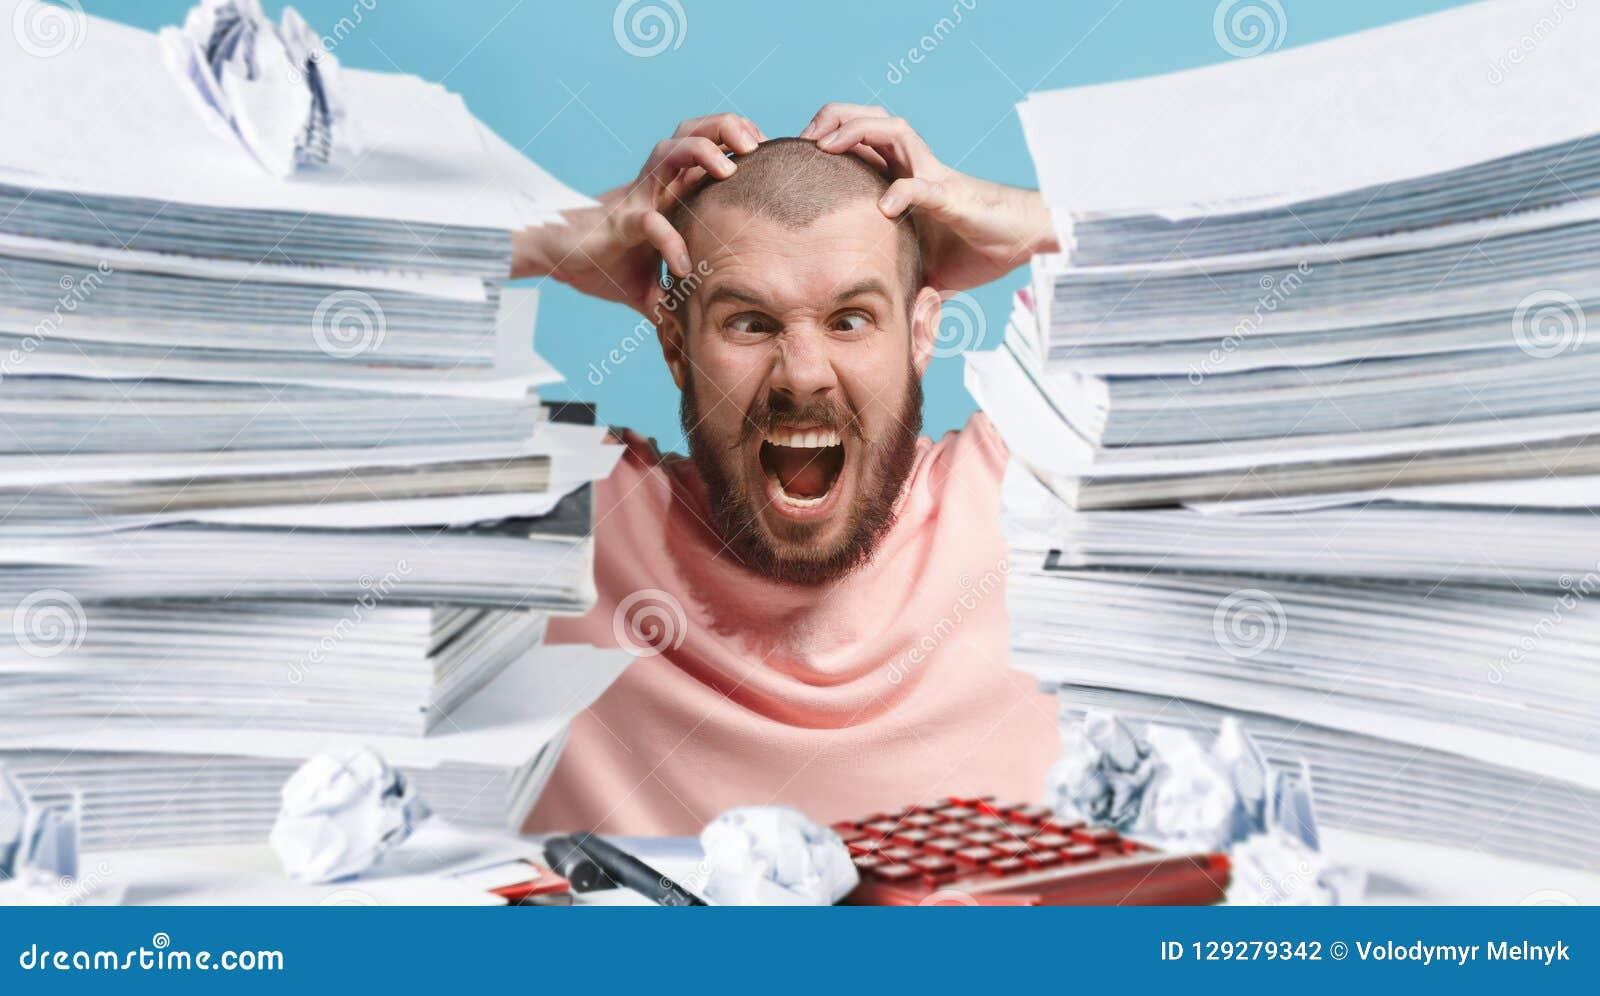 Executivo oprimido frustrante que trabalha no escritório e sobrecarregado com o documento